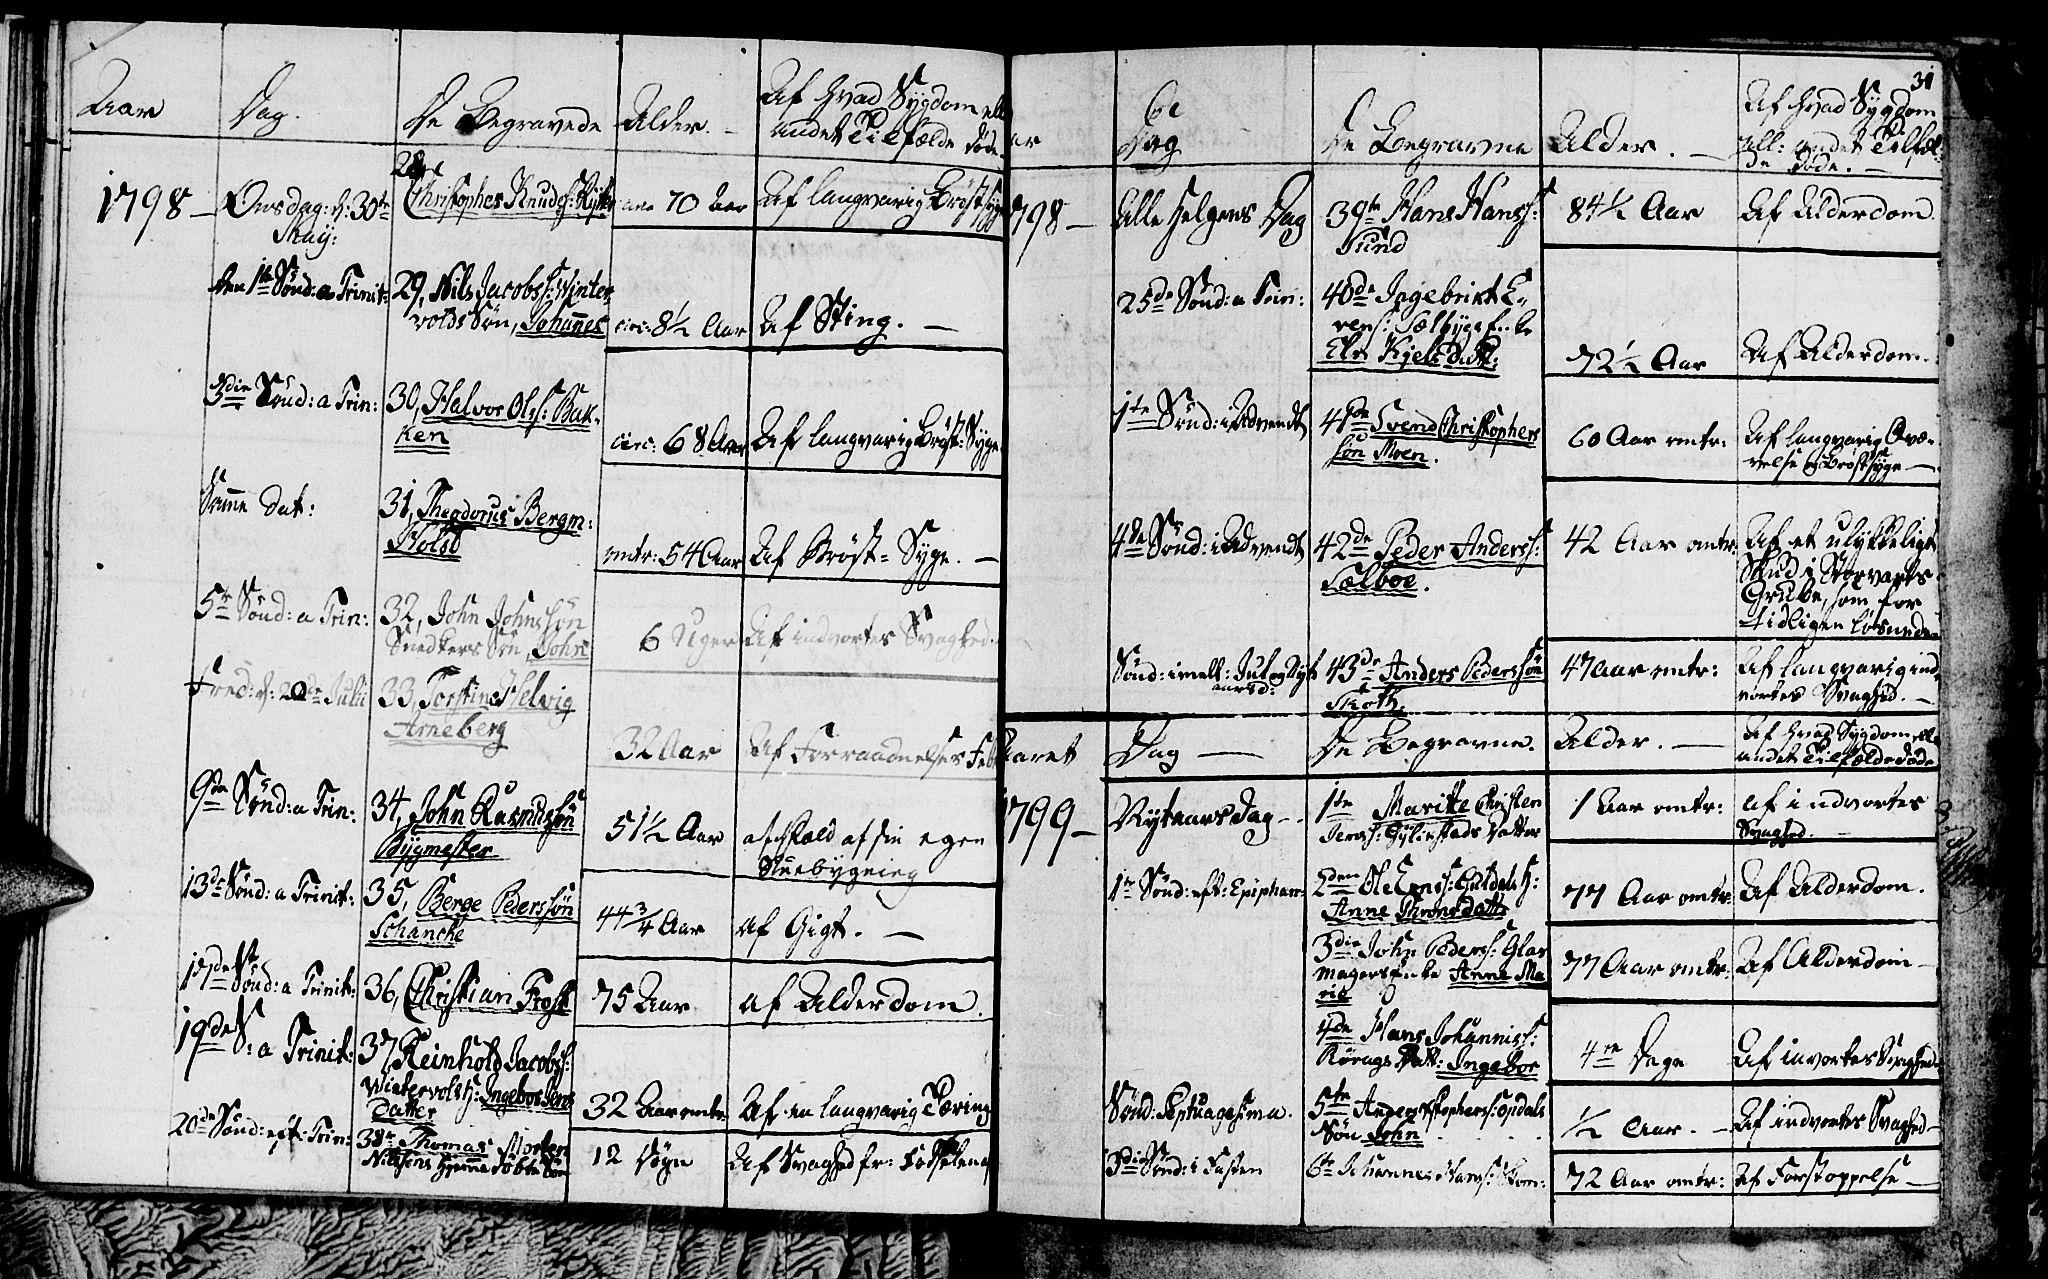 SAT, Ministerialprotokoller, klokkerbøker og fødselsregistre - Sør-Trøndelag, 681/L0937: Klokkerbok nr. 681C01, 1798-1810, s. 31